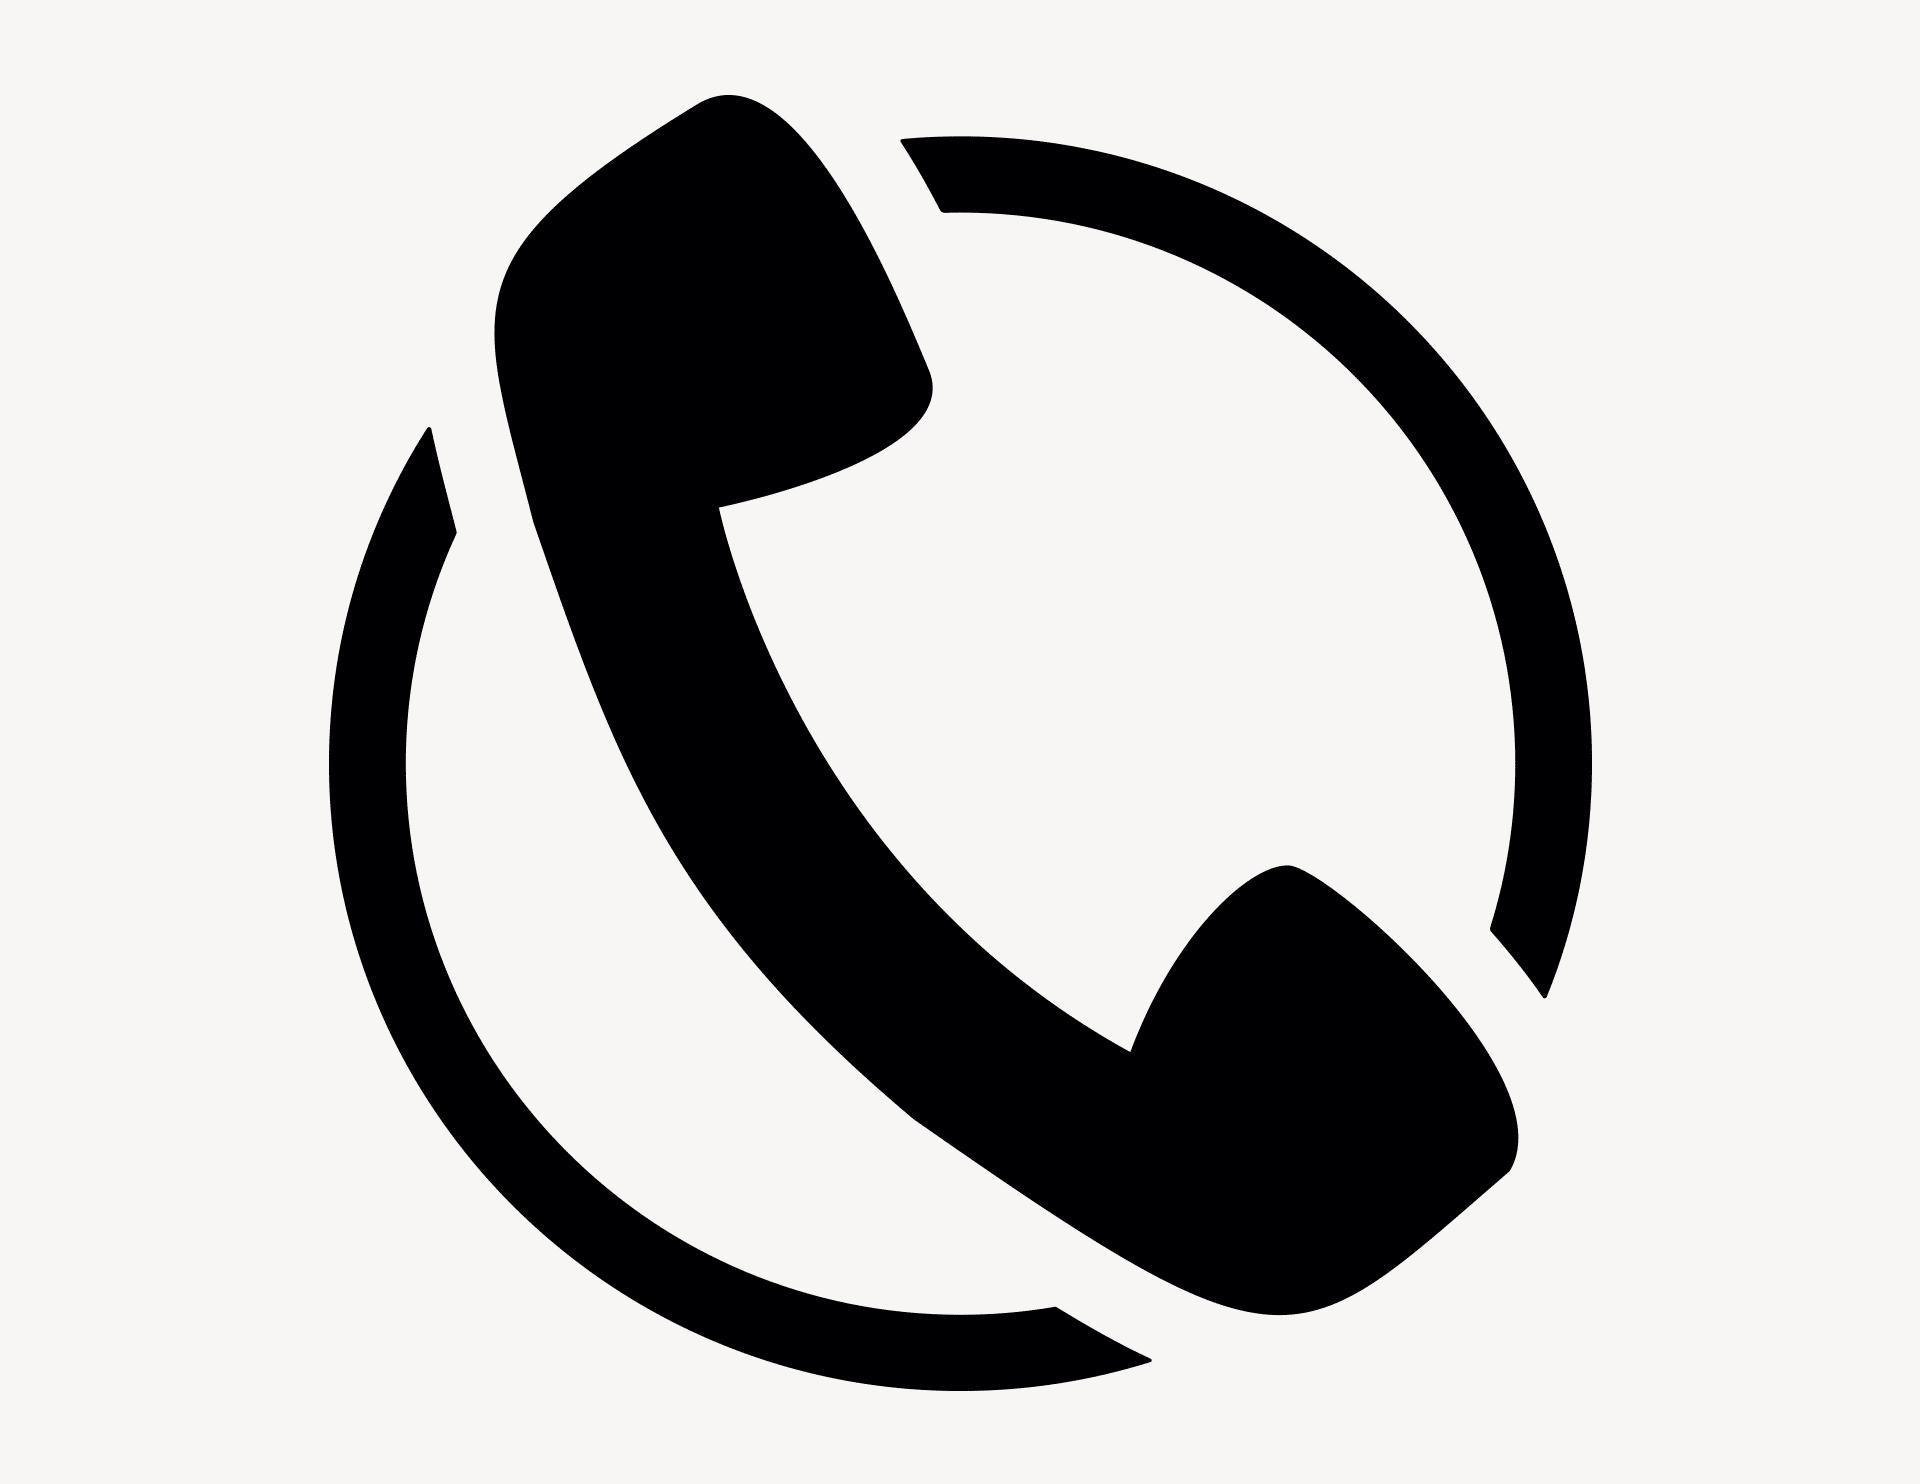 Трубка телефона картинка маленькая